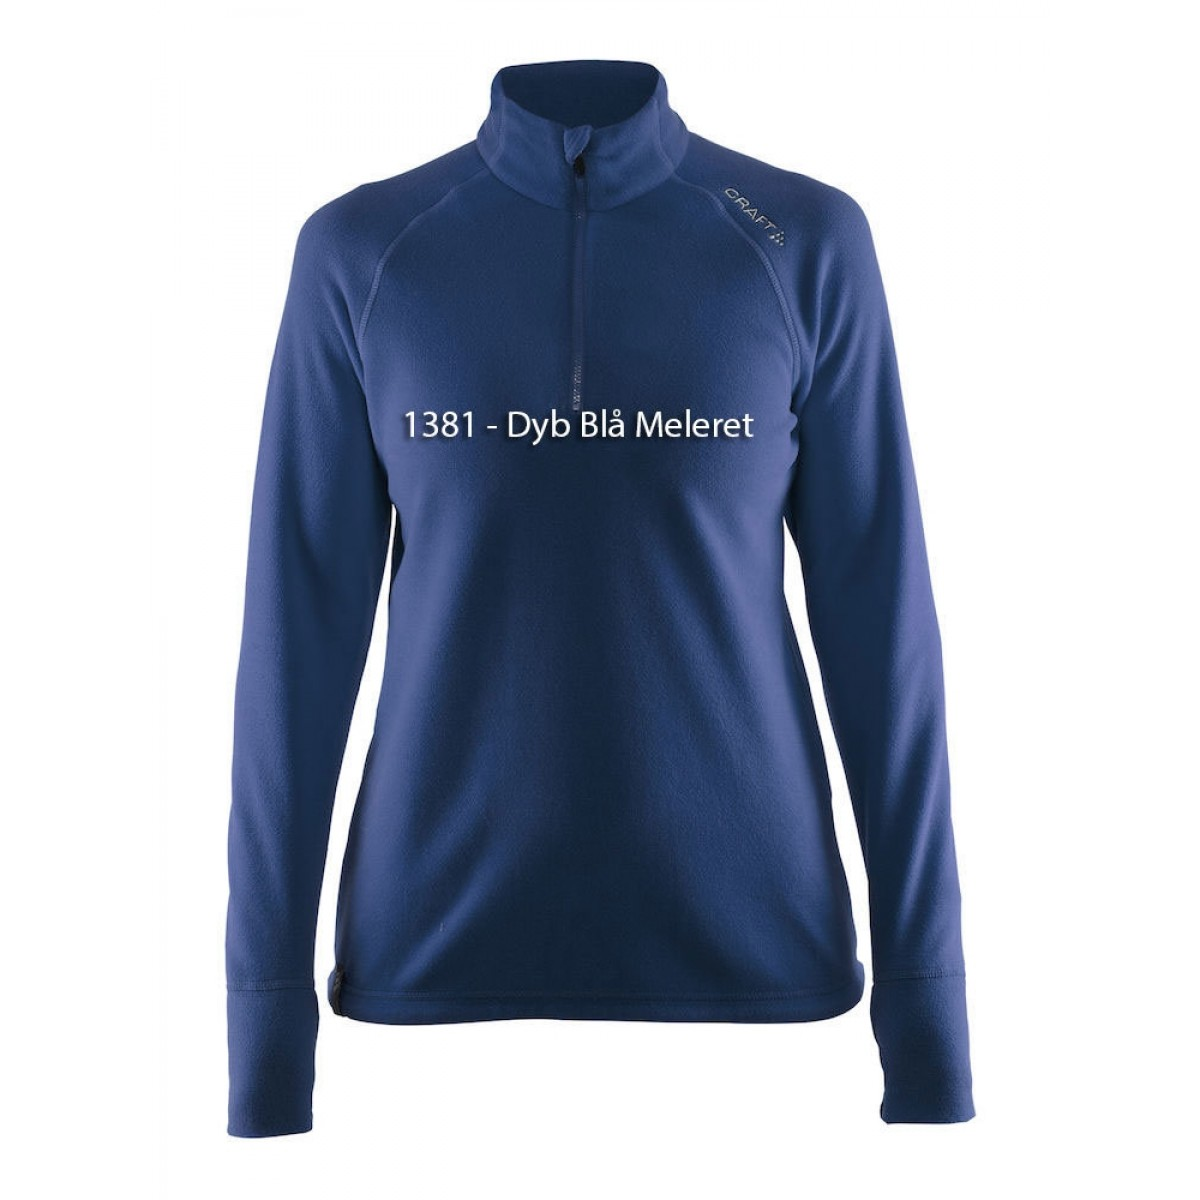 1381 - Dyb Blå Meleret